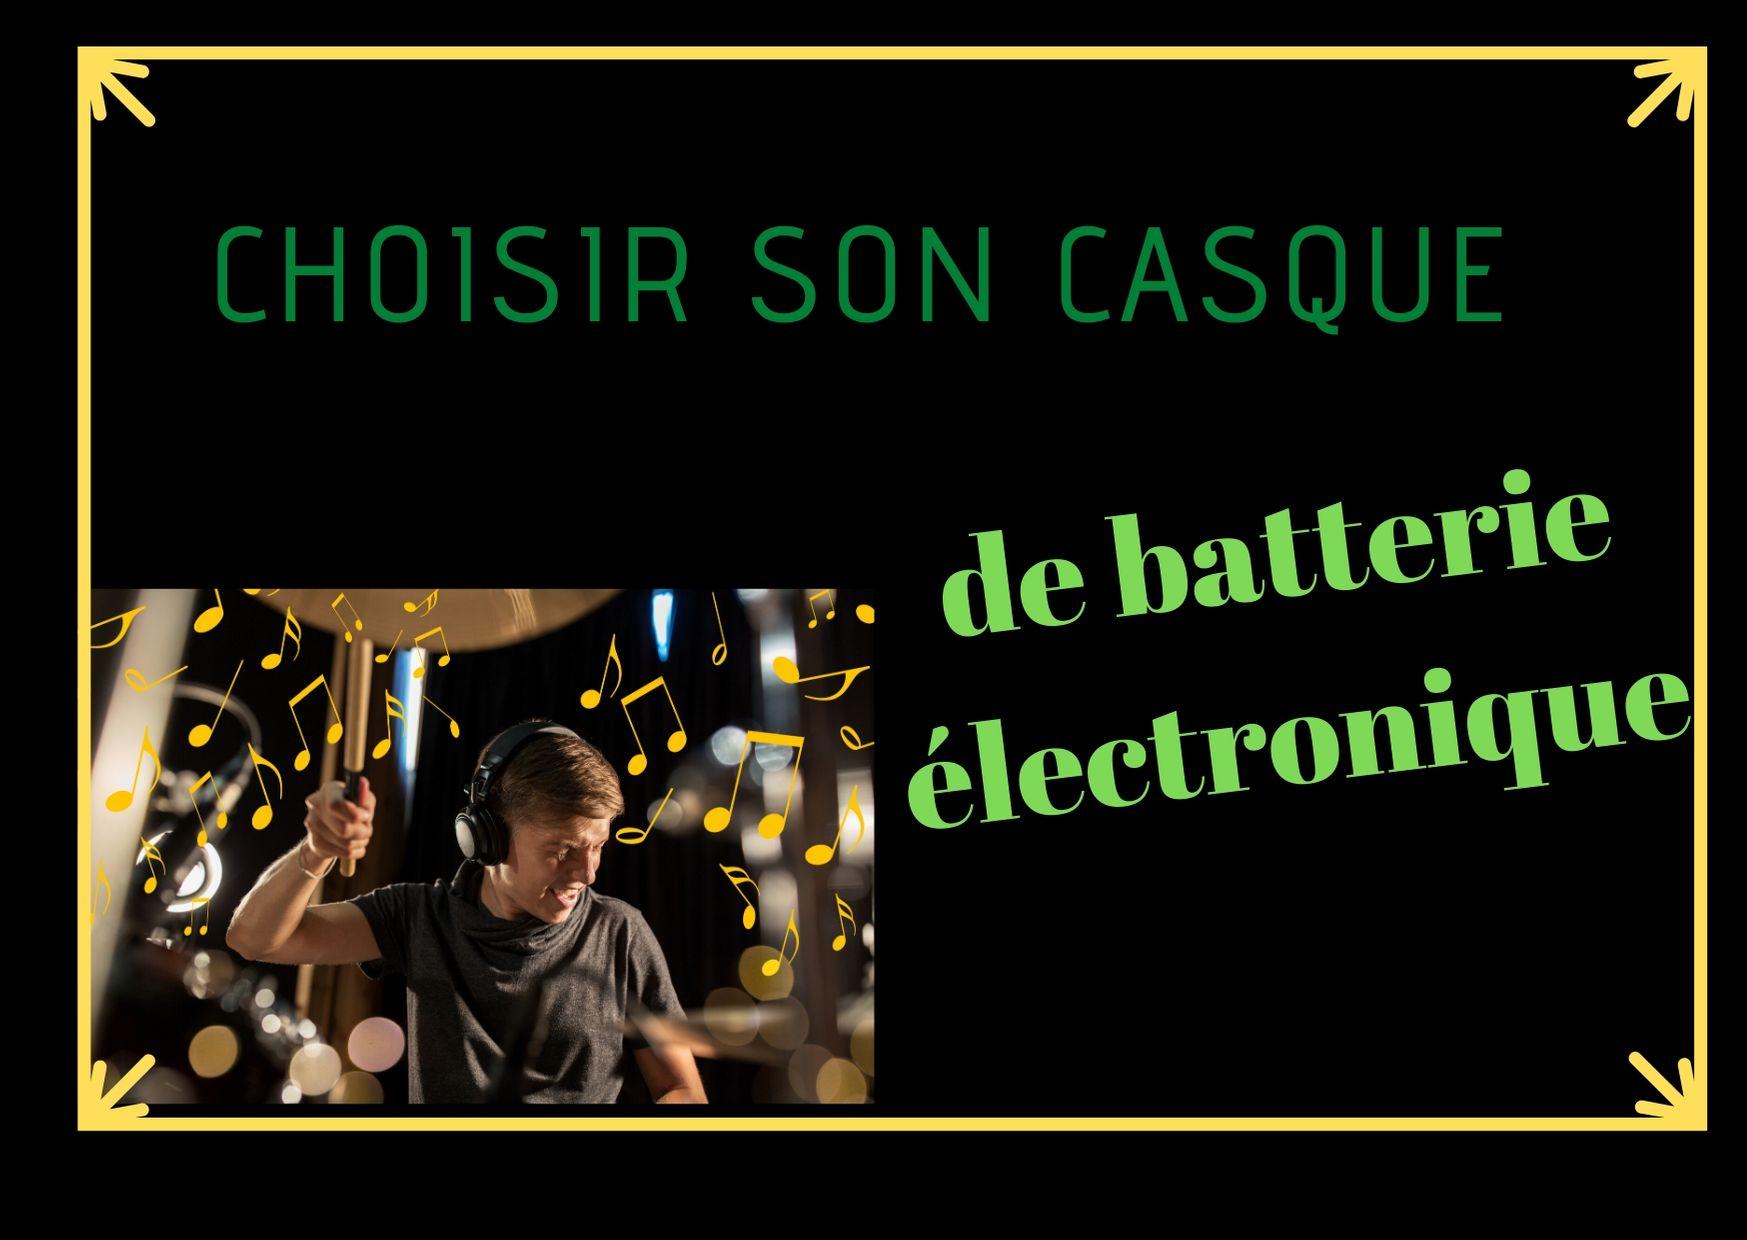 choisir son casque de batterie electronique